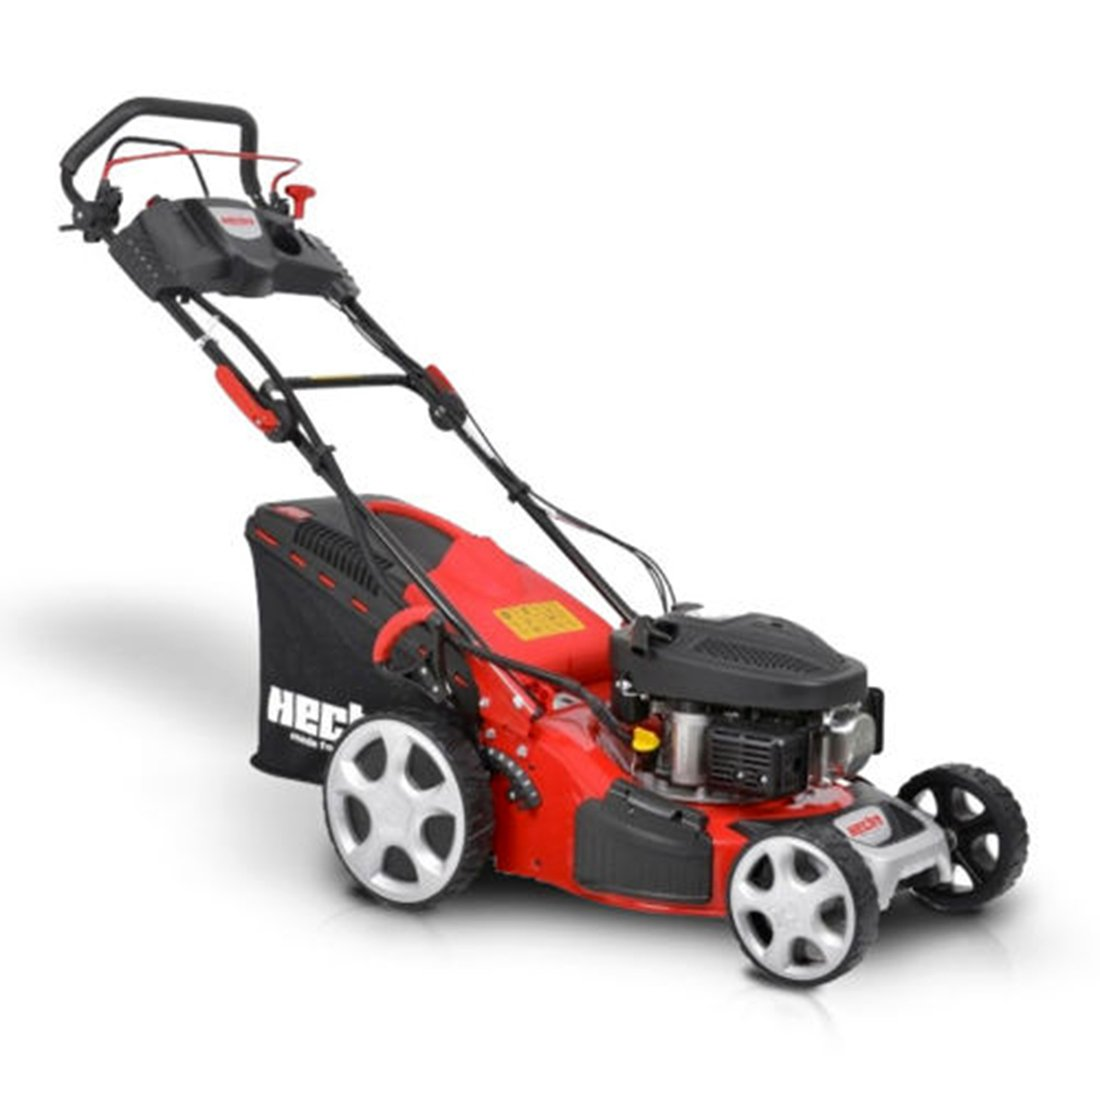 HECHT Benzin-Rasenmäher 543 SWE Benzin-Mäher mit Elektro-Start Funktion (3,5 PS Motorleistung, 43 cm Schnittbreite, 7-fache Schnitthöhenverstellung 25-75 mm, 50 L Fangsack)